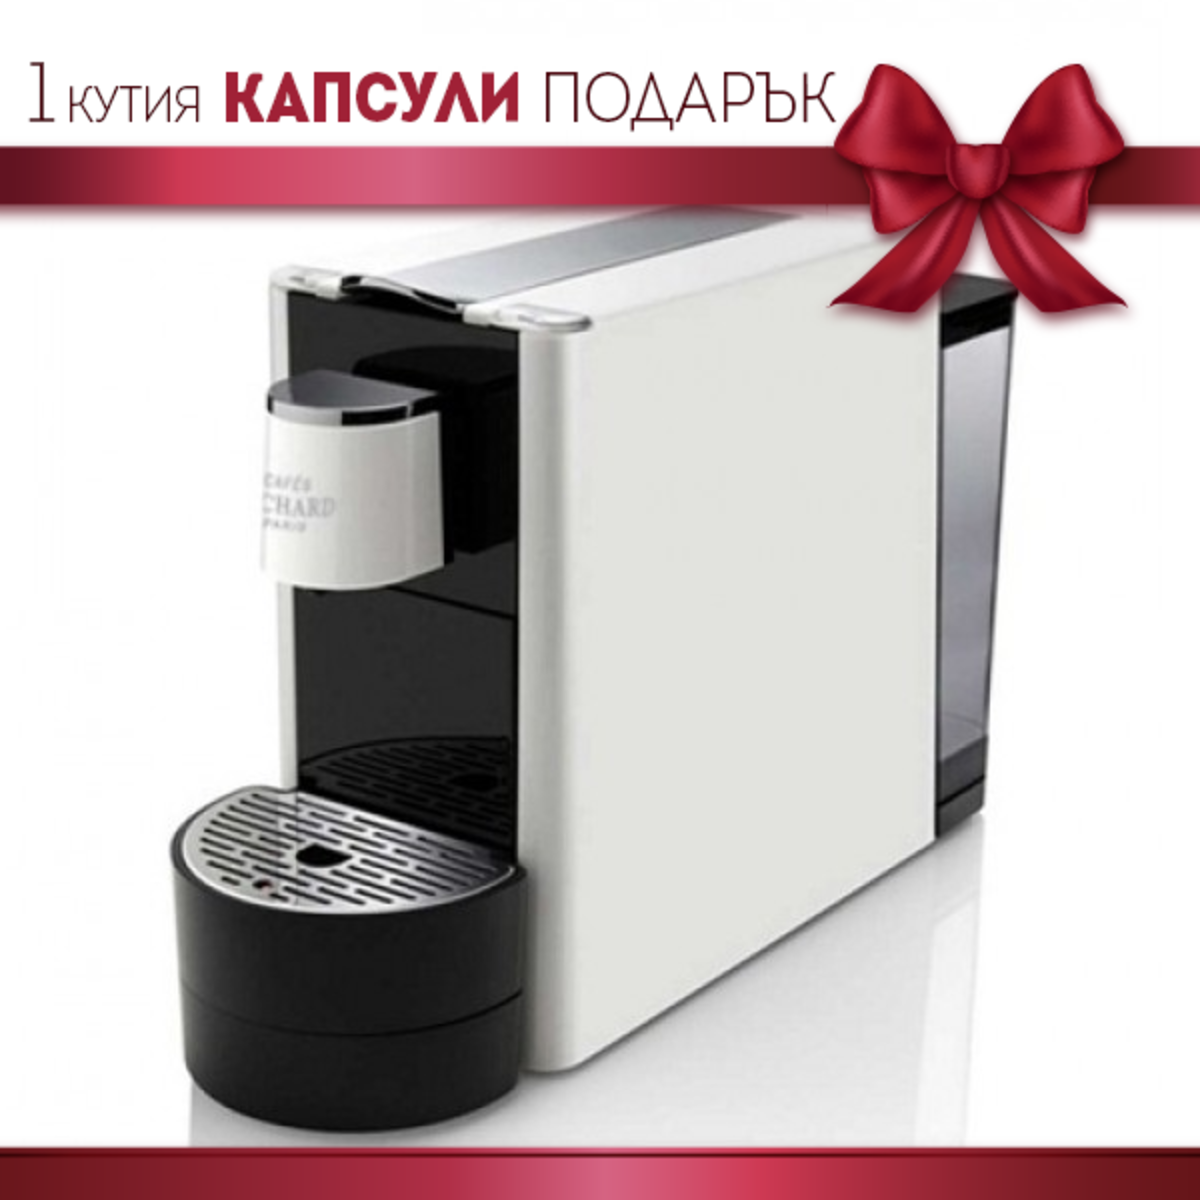 Кафе машина Cafés Richard Ventura бяла + подарък 1 кутия кафе